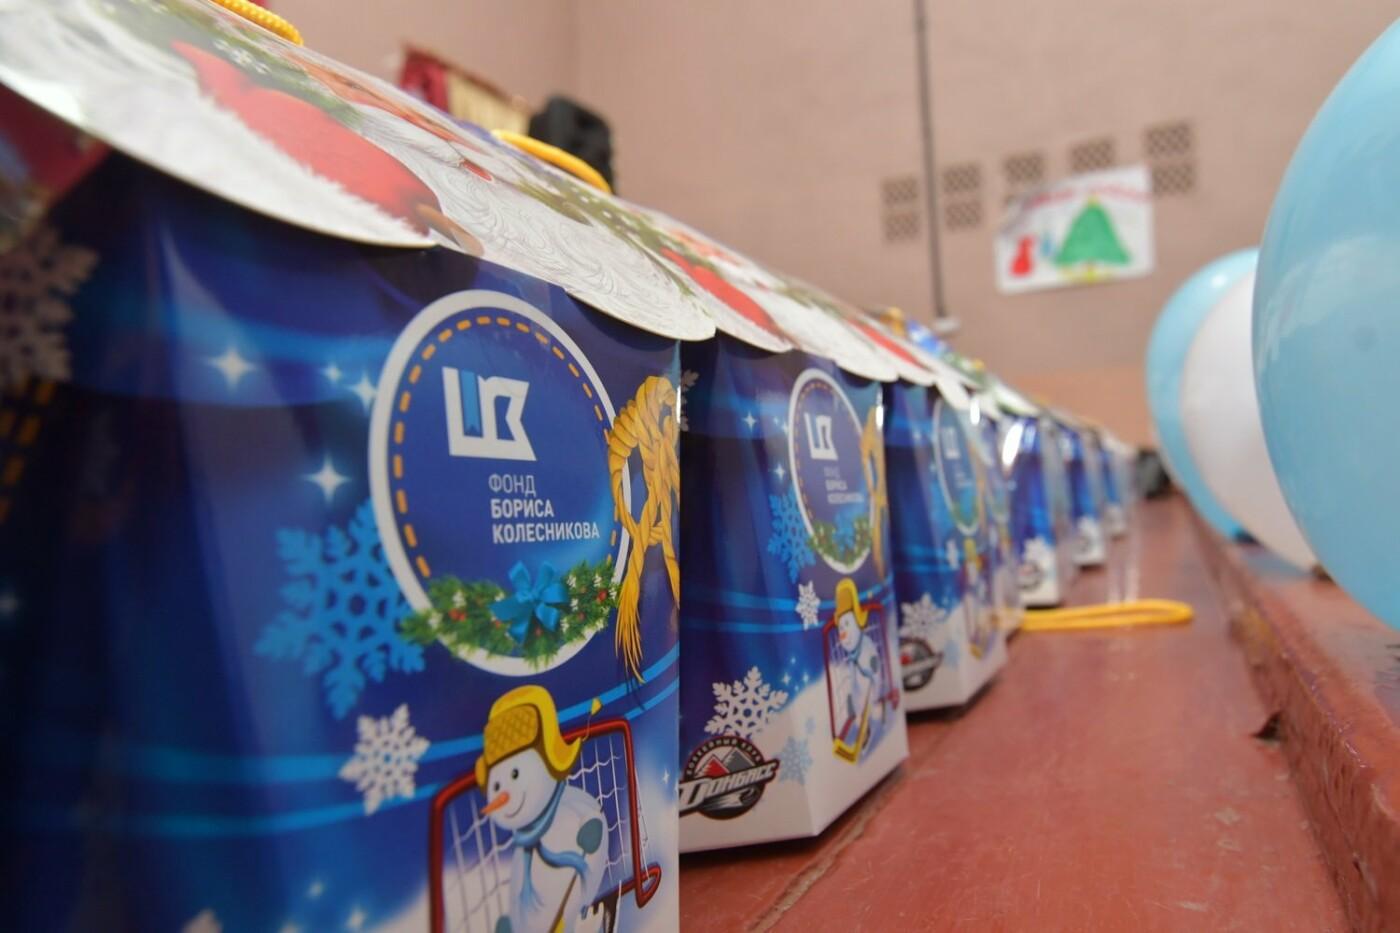 Фонд Бориса Колесникова передал в школы Краматорска сладкие наборы к новогодним праздникам, фото-2